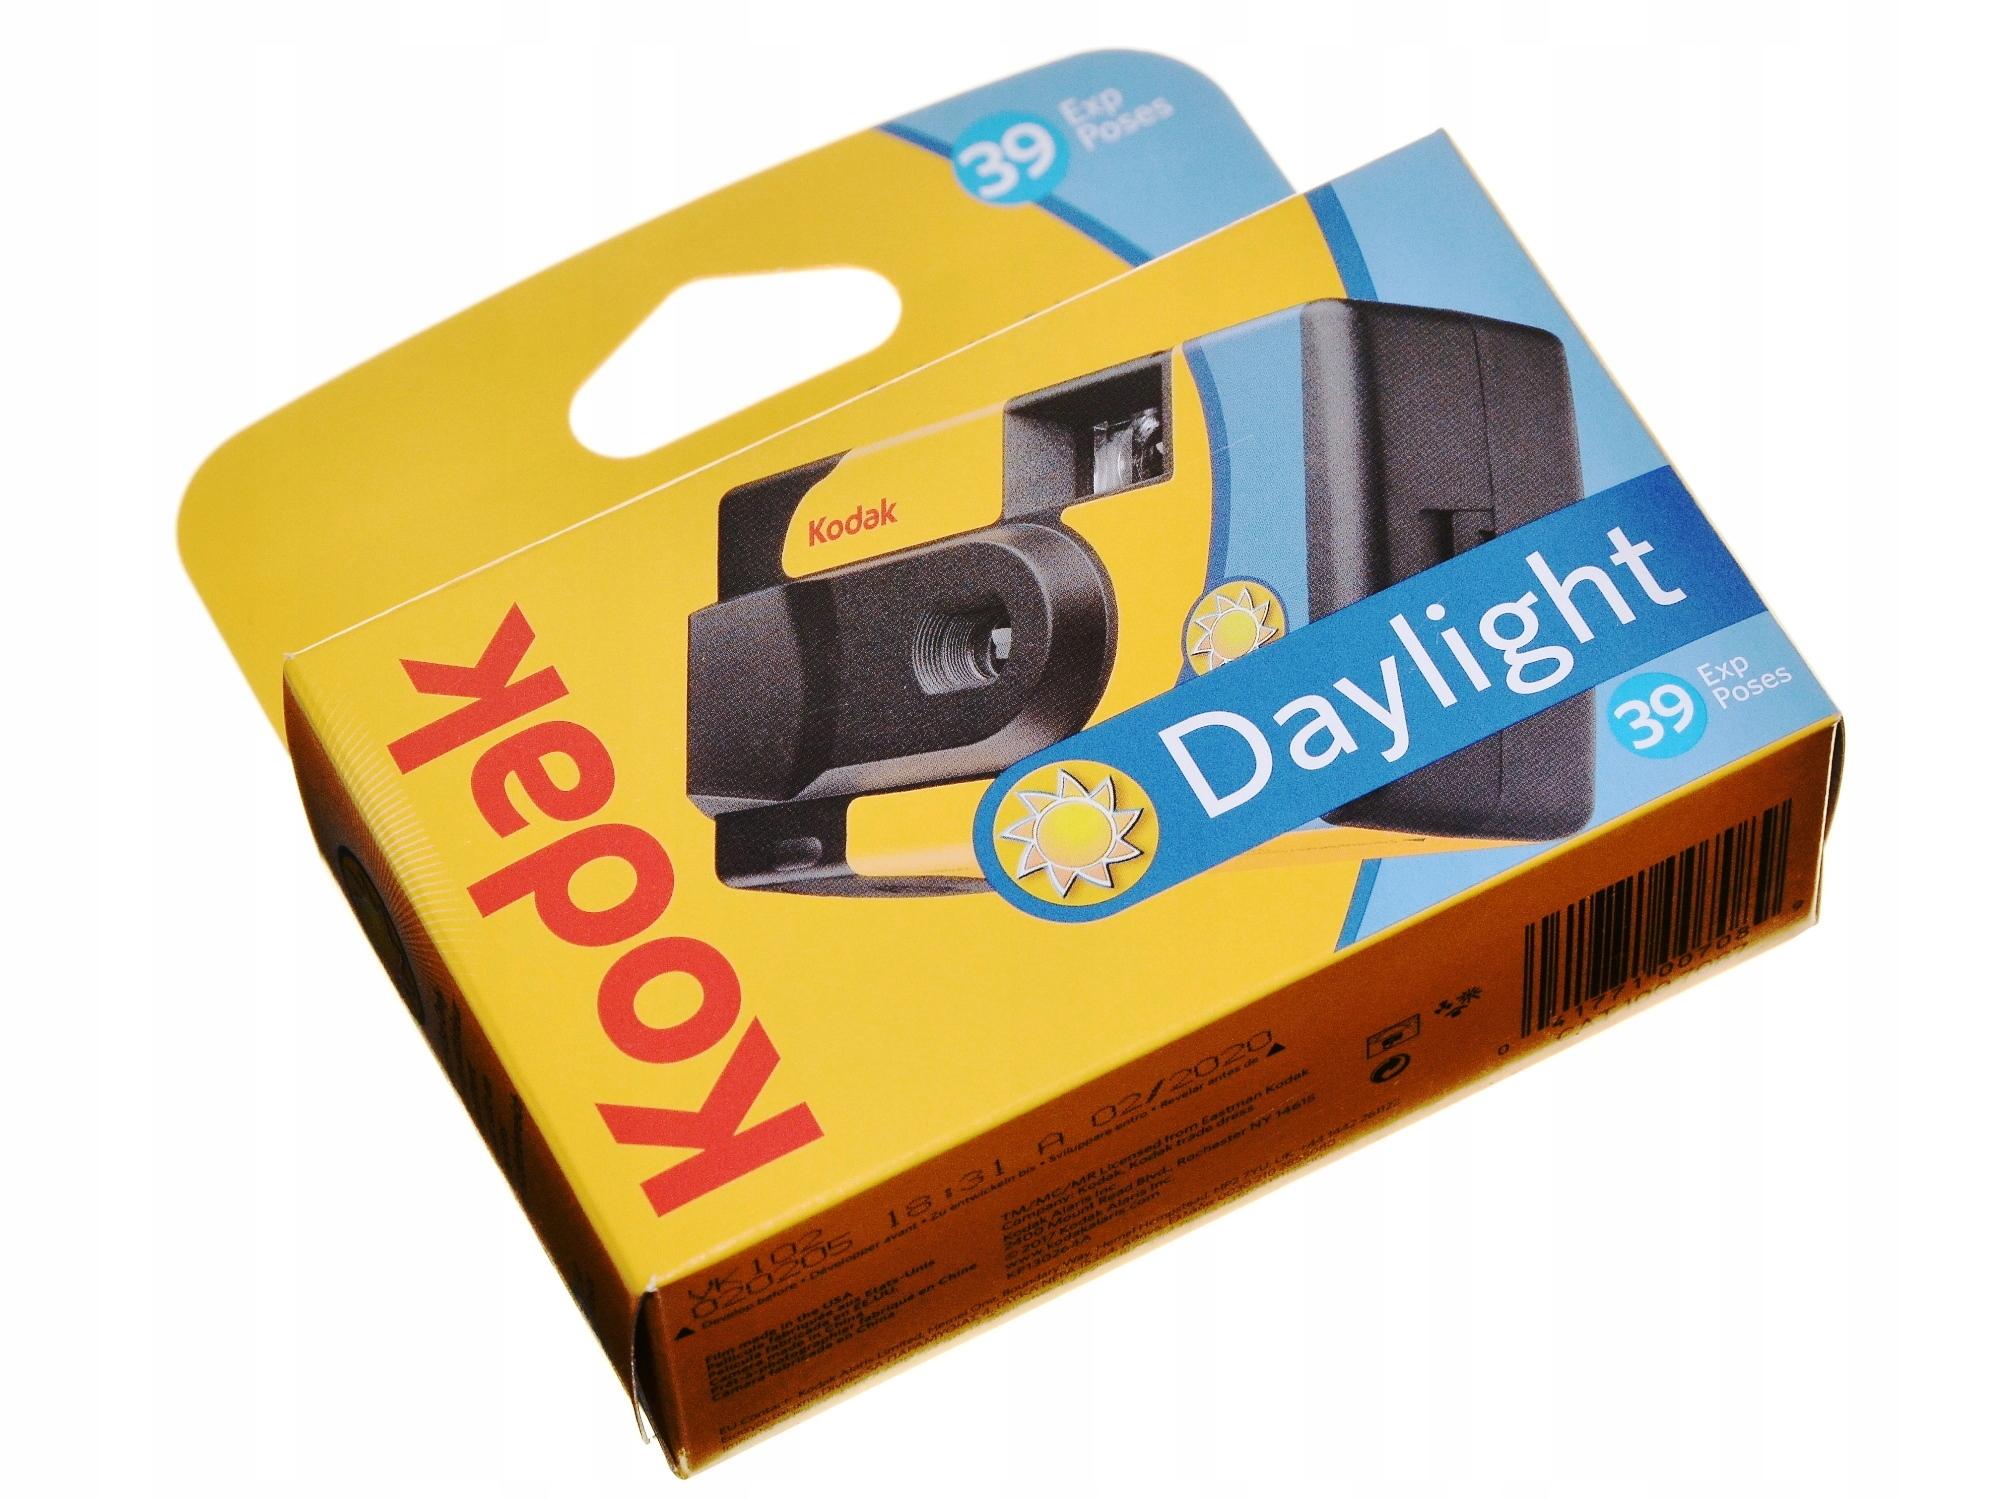 Kodak Daylight SUC aparat jednorazowy 400/39 urlop